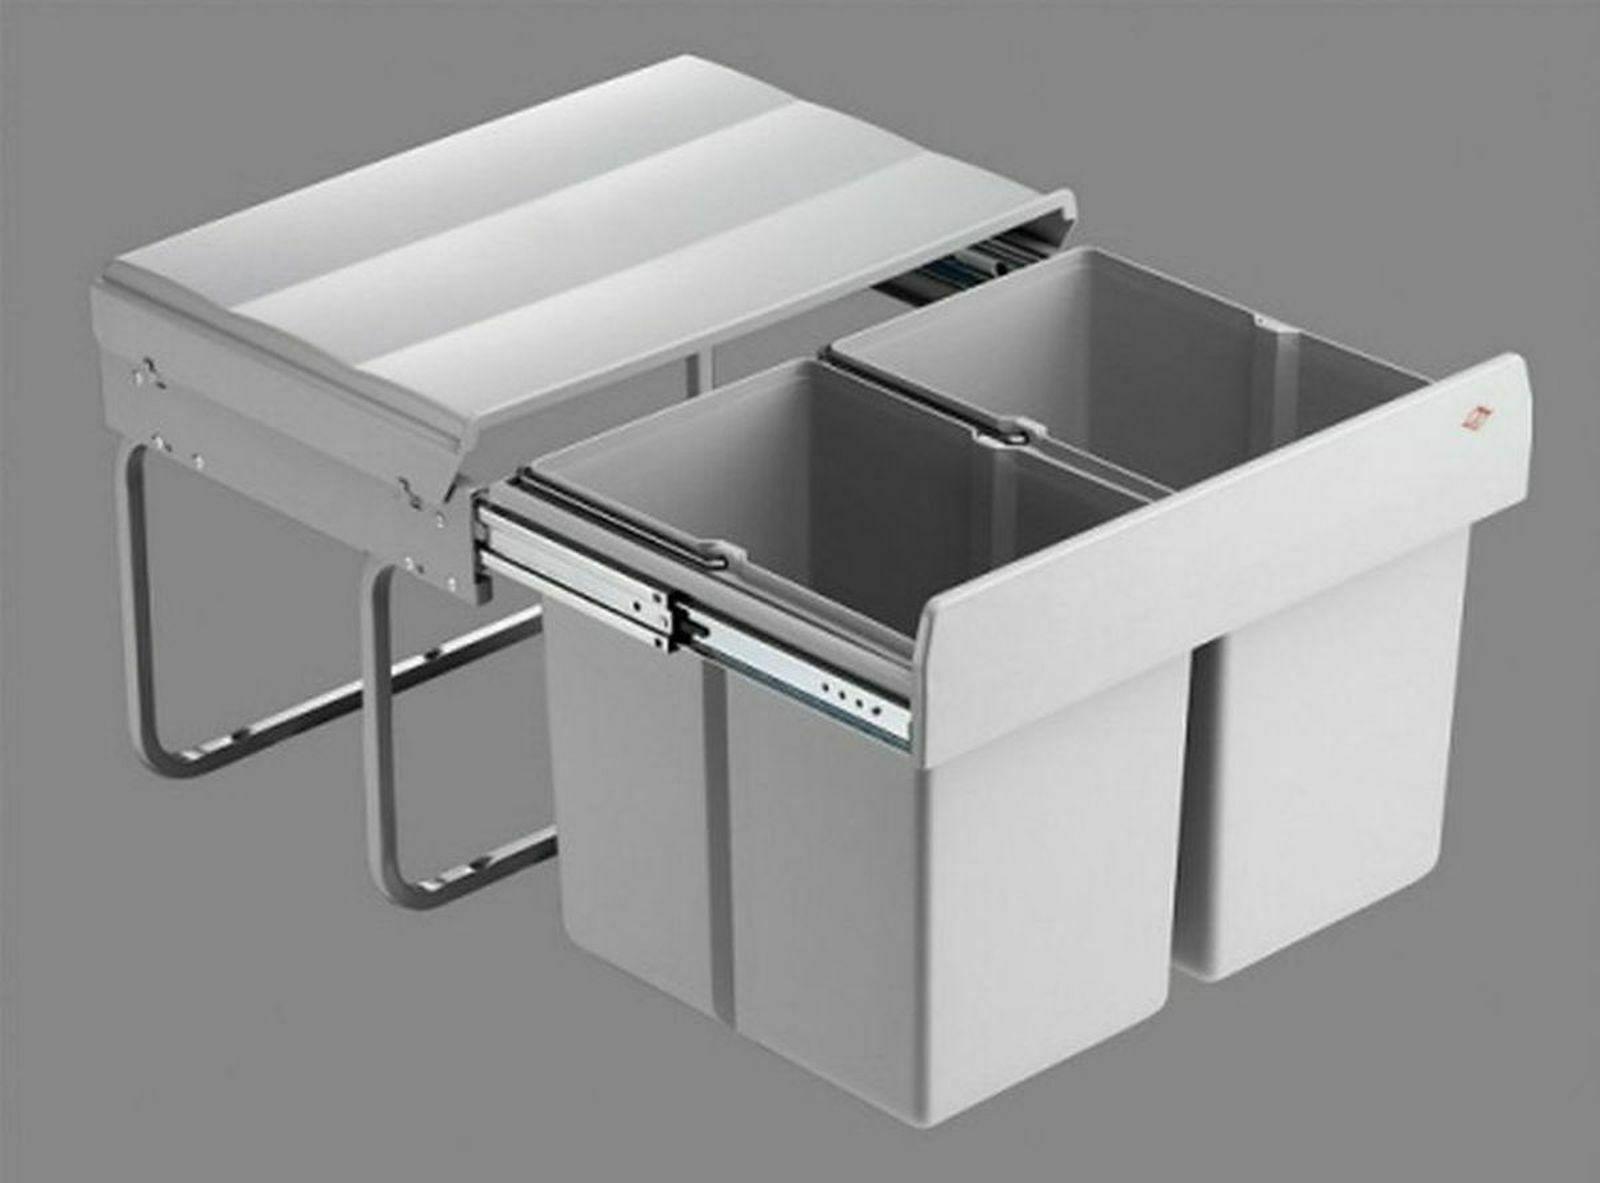 Mülleimer Küche 2x15 Liter Wesco Müllsystem ab 50 cm Schrank Abfalleimer  *40740